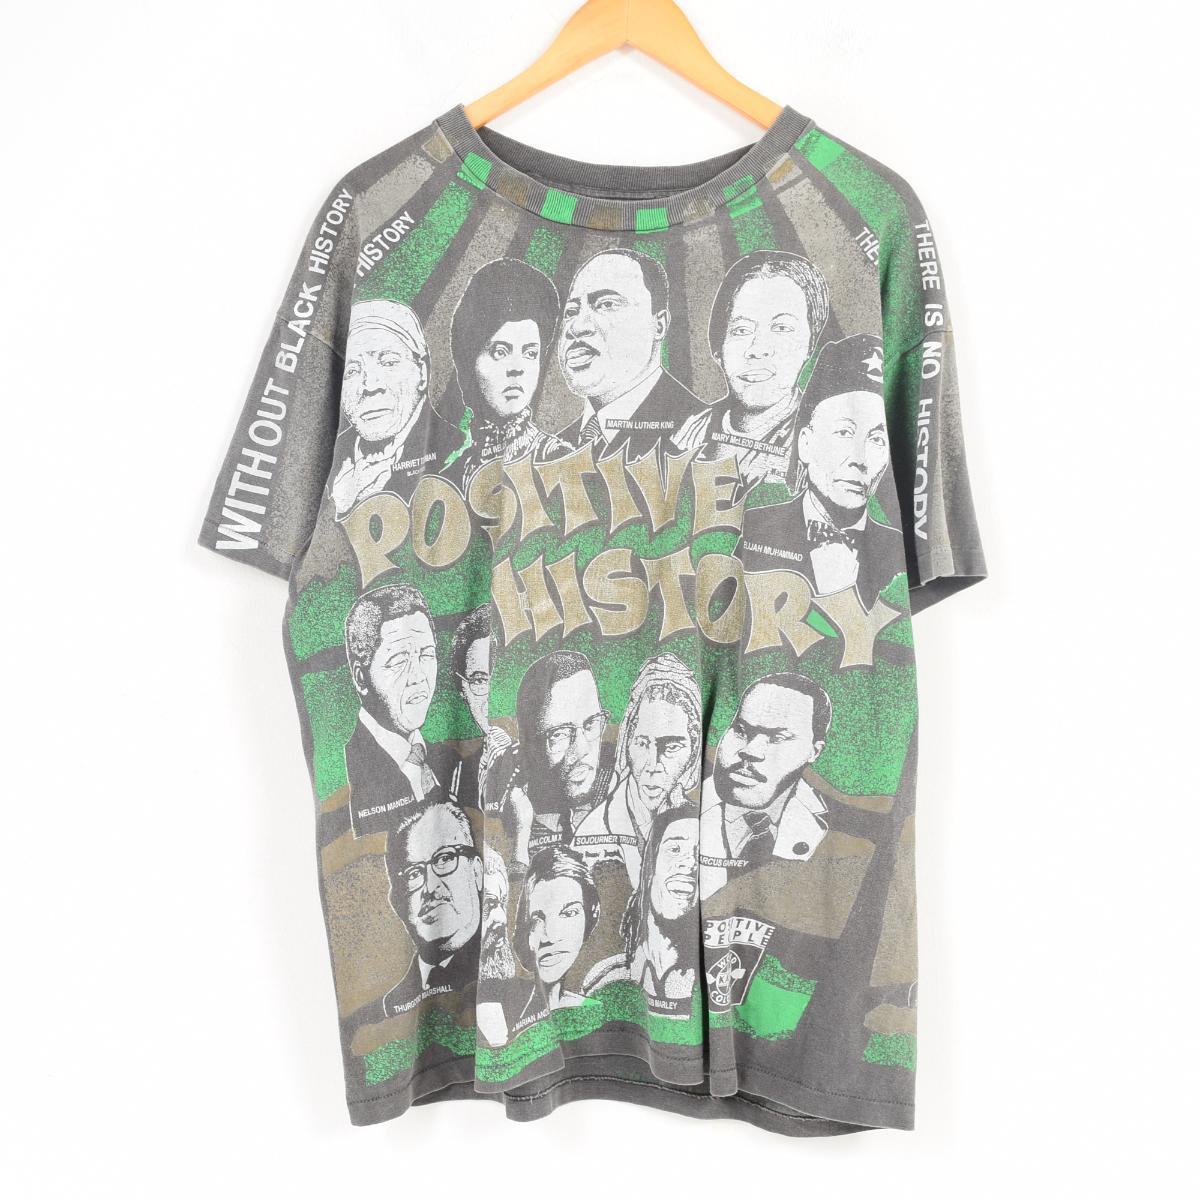 ~90年代 Kacy World Colors POSITIVE HISTORY 偉人Tシャツ USA製 メンズXL ヴィンテージ /war1281 【中古】 【180504】【VTG】【SVTG】